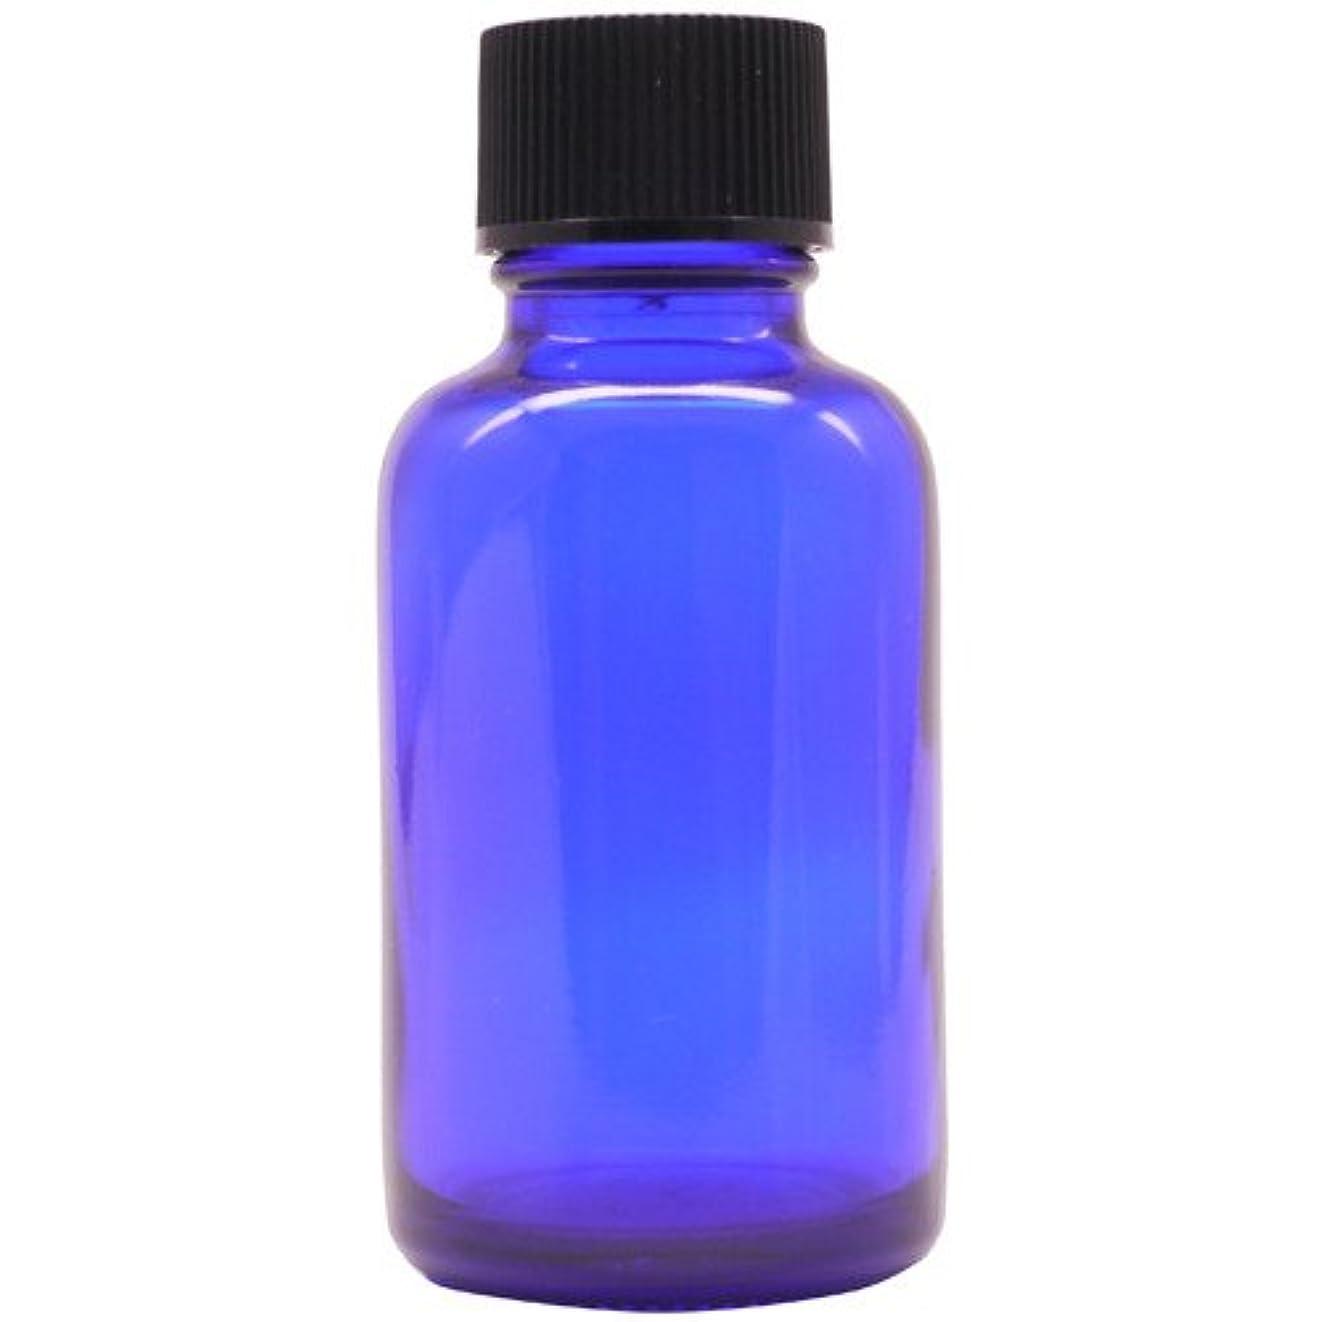 アロマアンドライフ (D)ブルー瓶ドロップ栓30ml 3本セット